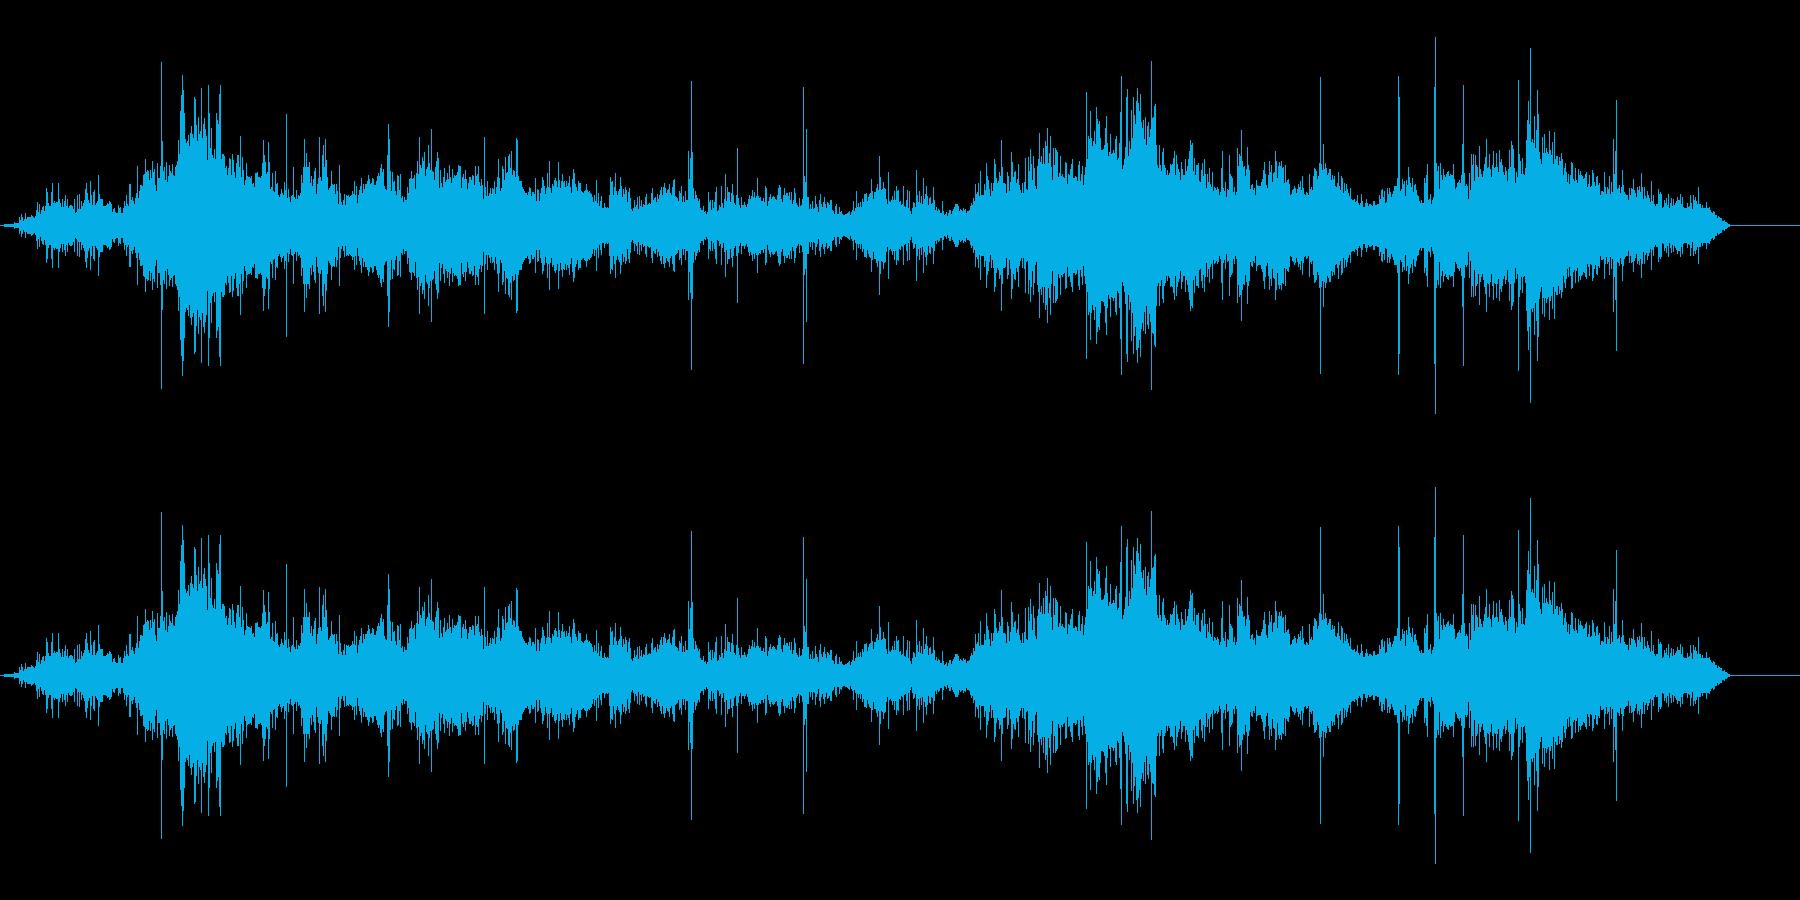 大きい波の再生済みの波形